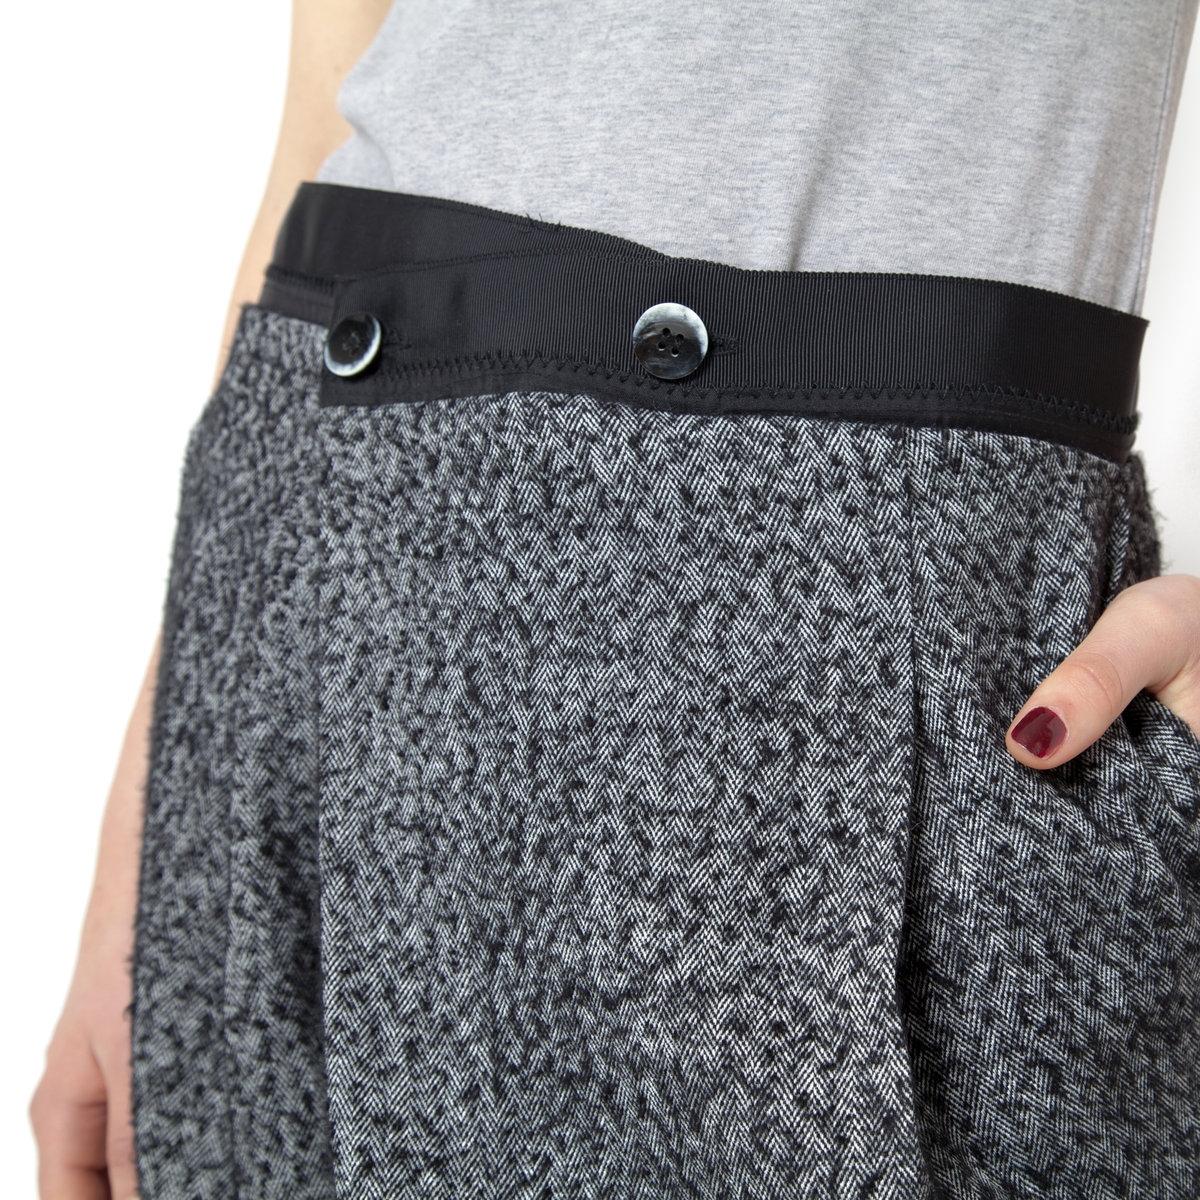 БрюкиБрюки NOA NOA. 65% полиэстера, 35% шерсти. Застежка на пуговицы на поясе. 2 кармана с застежкой на пуговицы сзади.<br><br>Цвет: серый меланж<br>Размер: 38 (FR) - 44 (RUS)